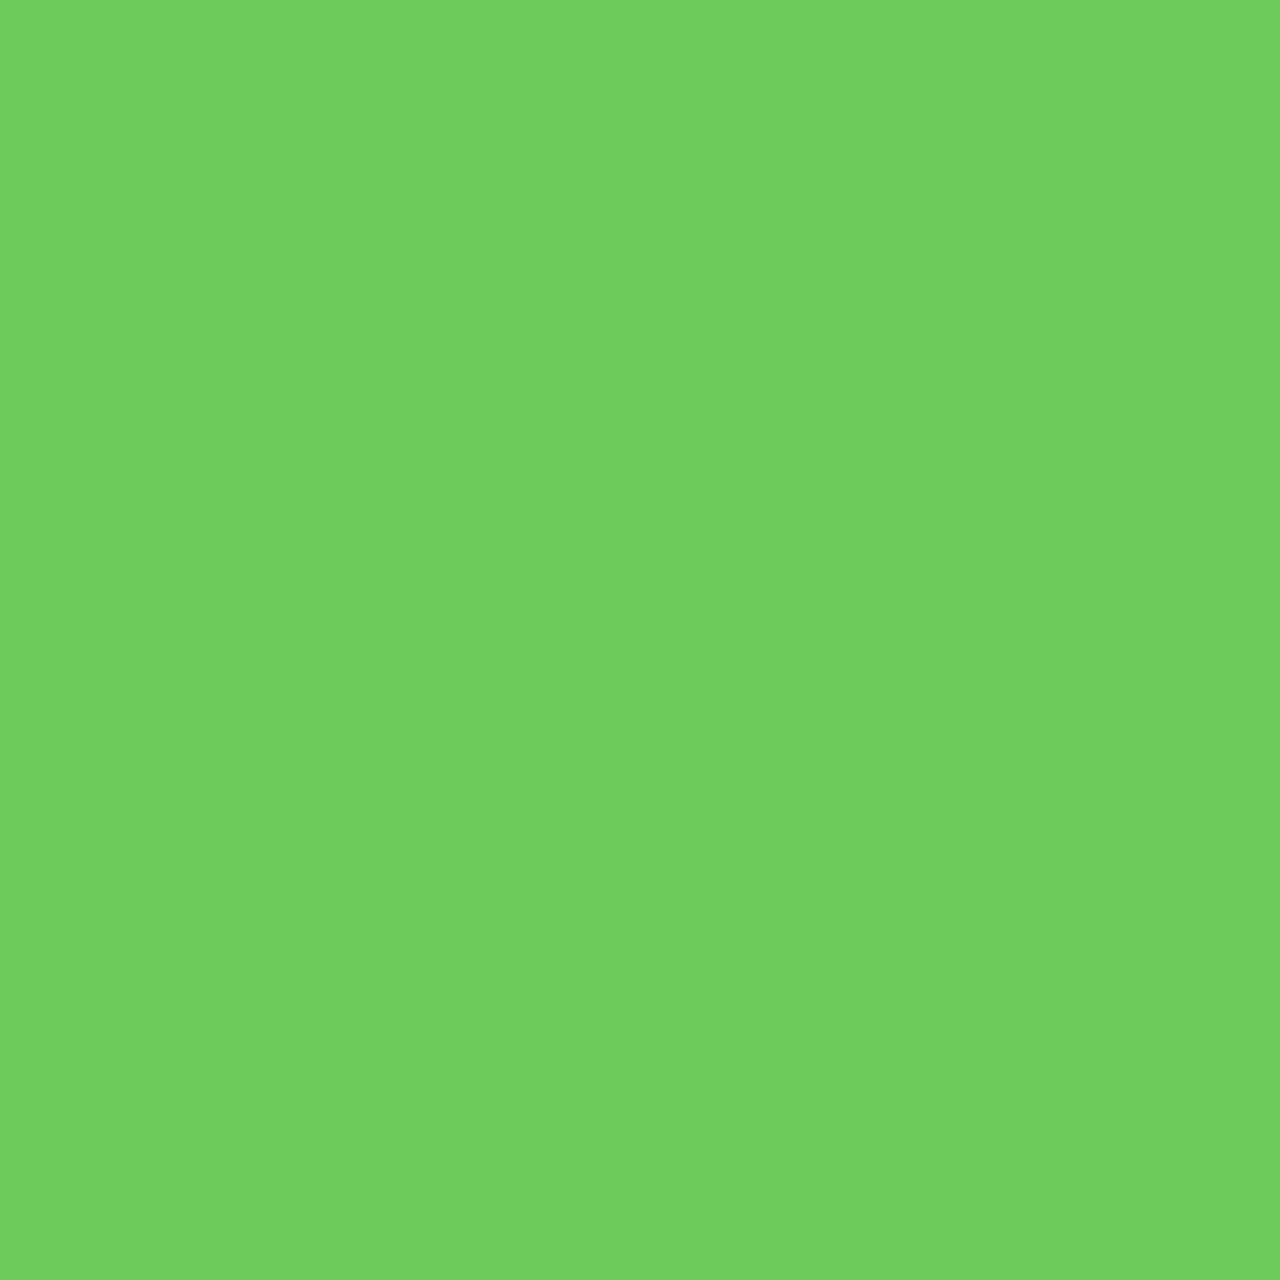 Rosco Calcolor Sheet #4460: 60 Green, Gels